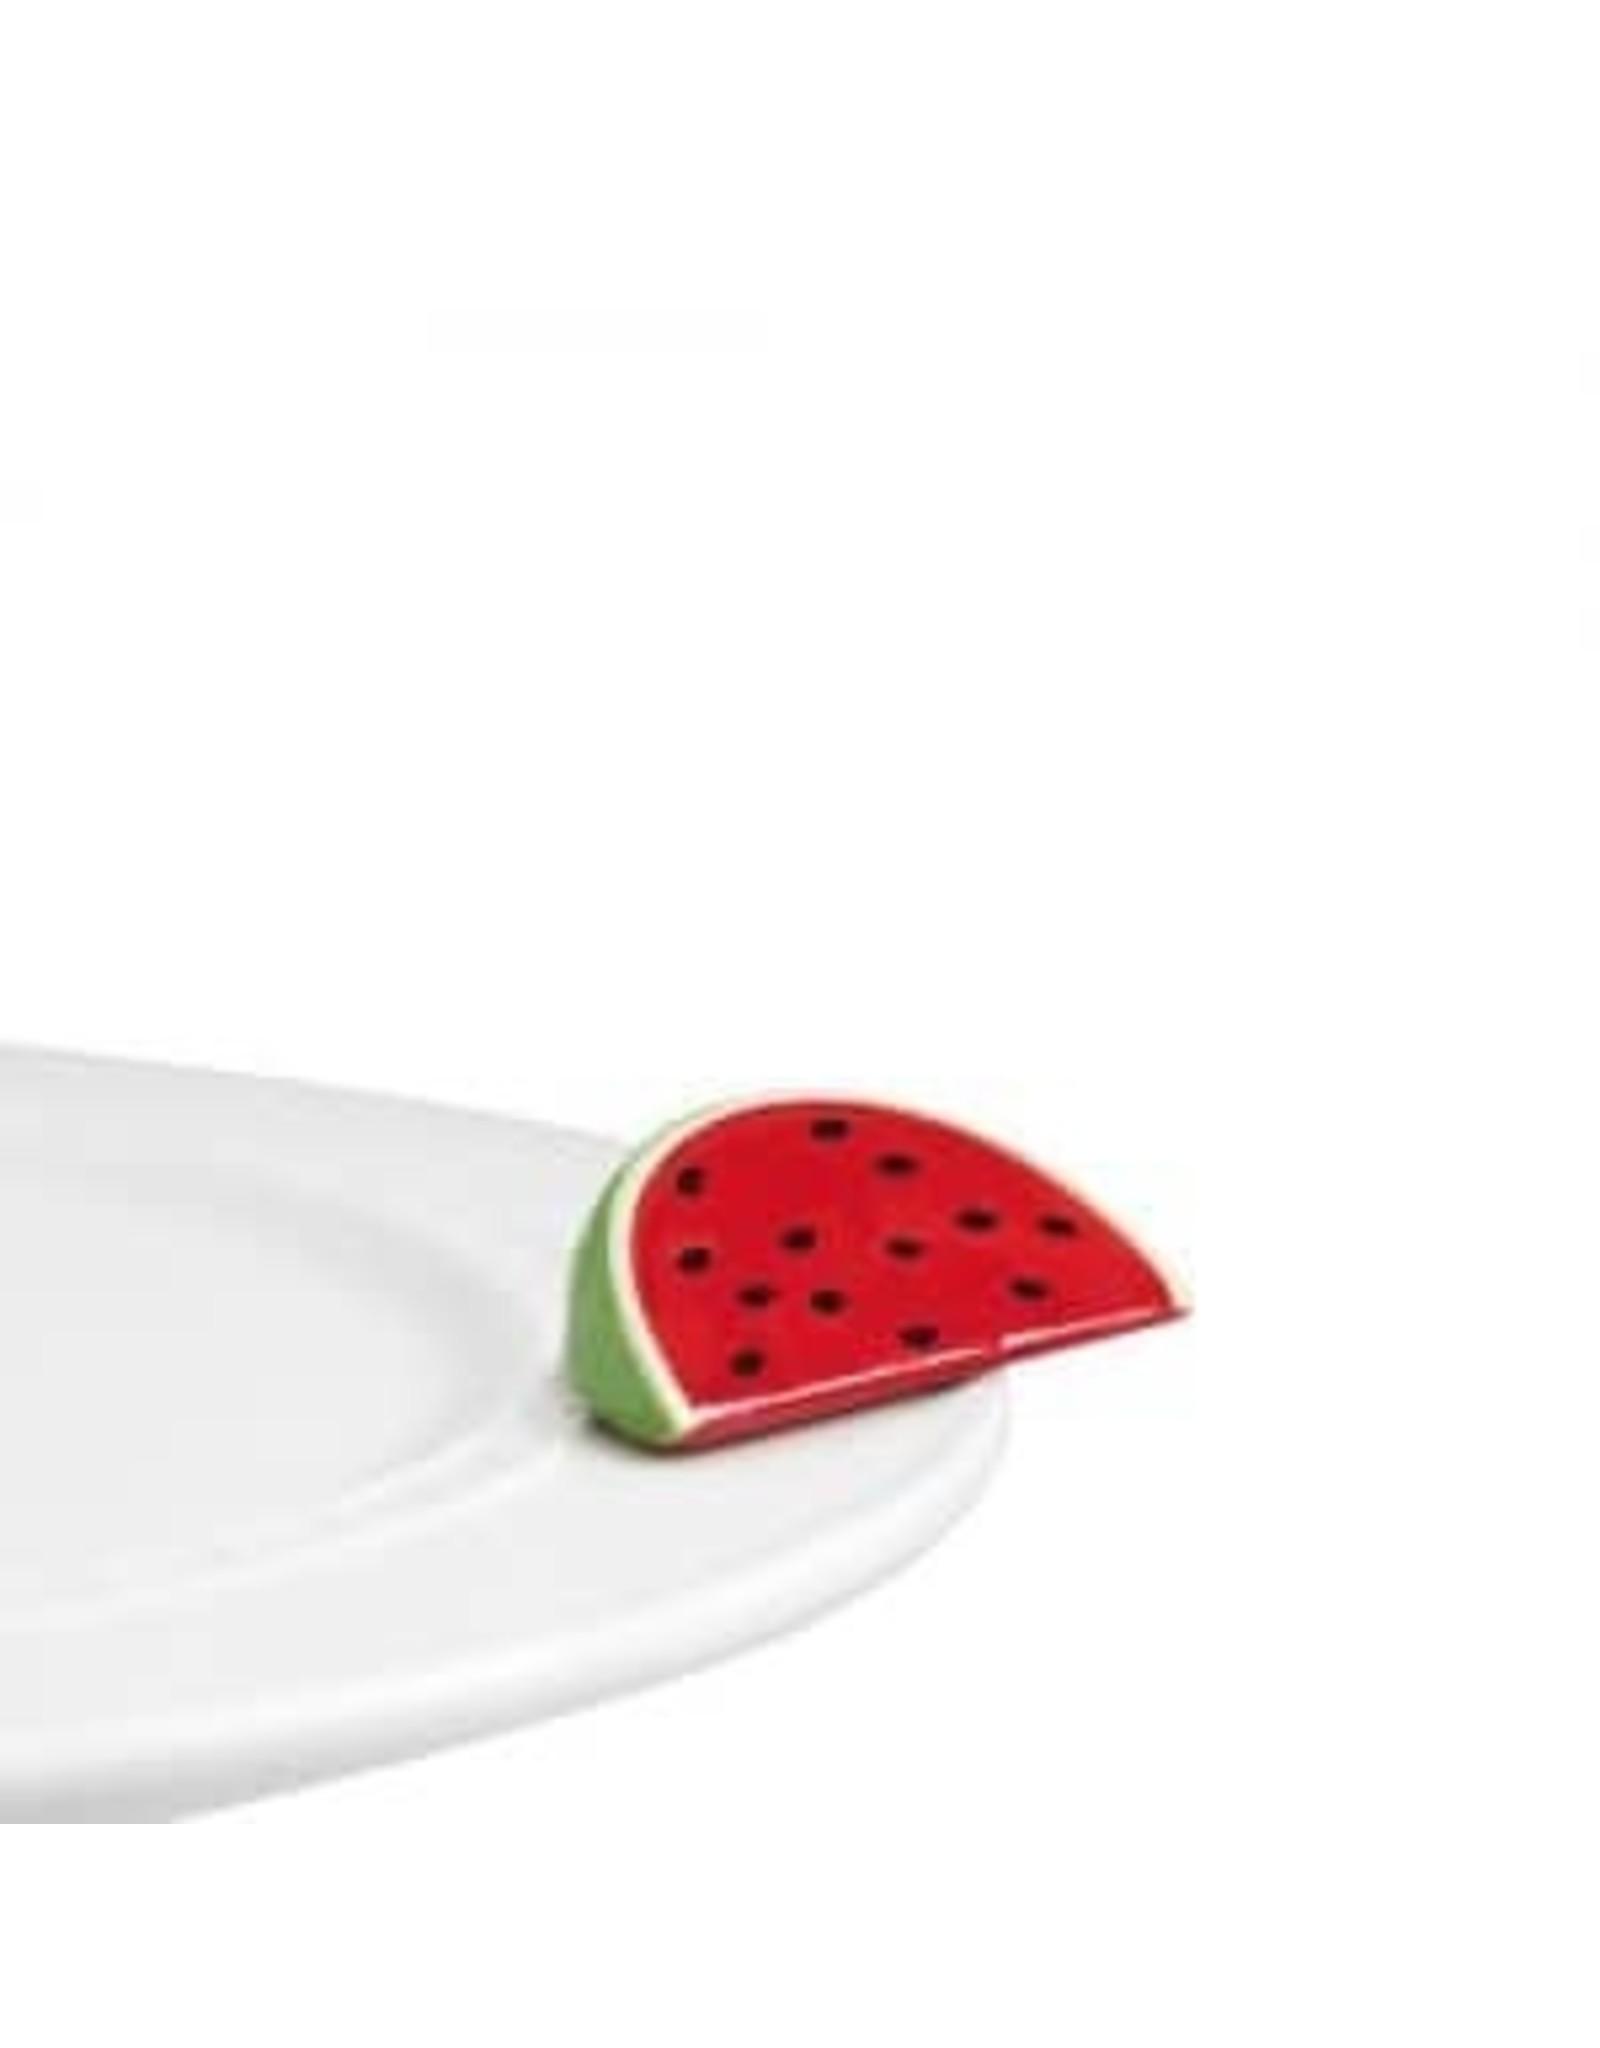 taste of summer( watermelon)